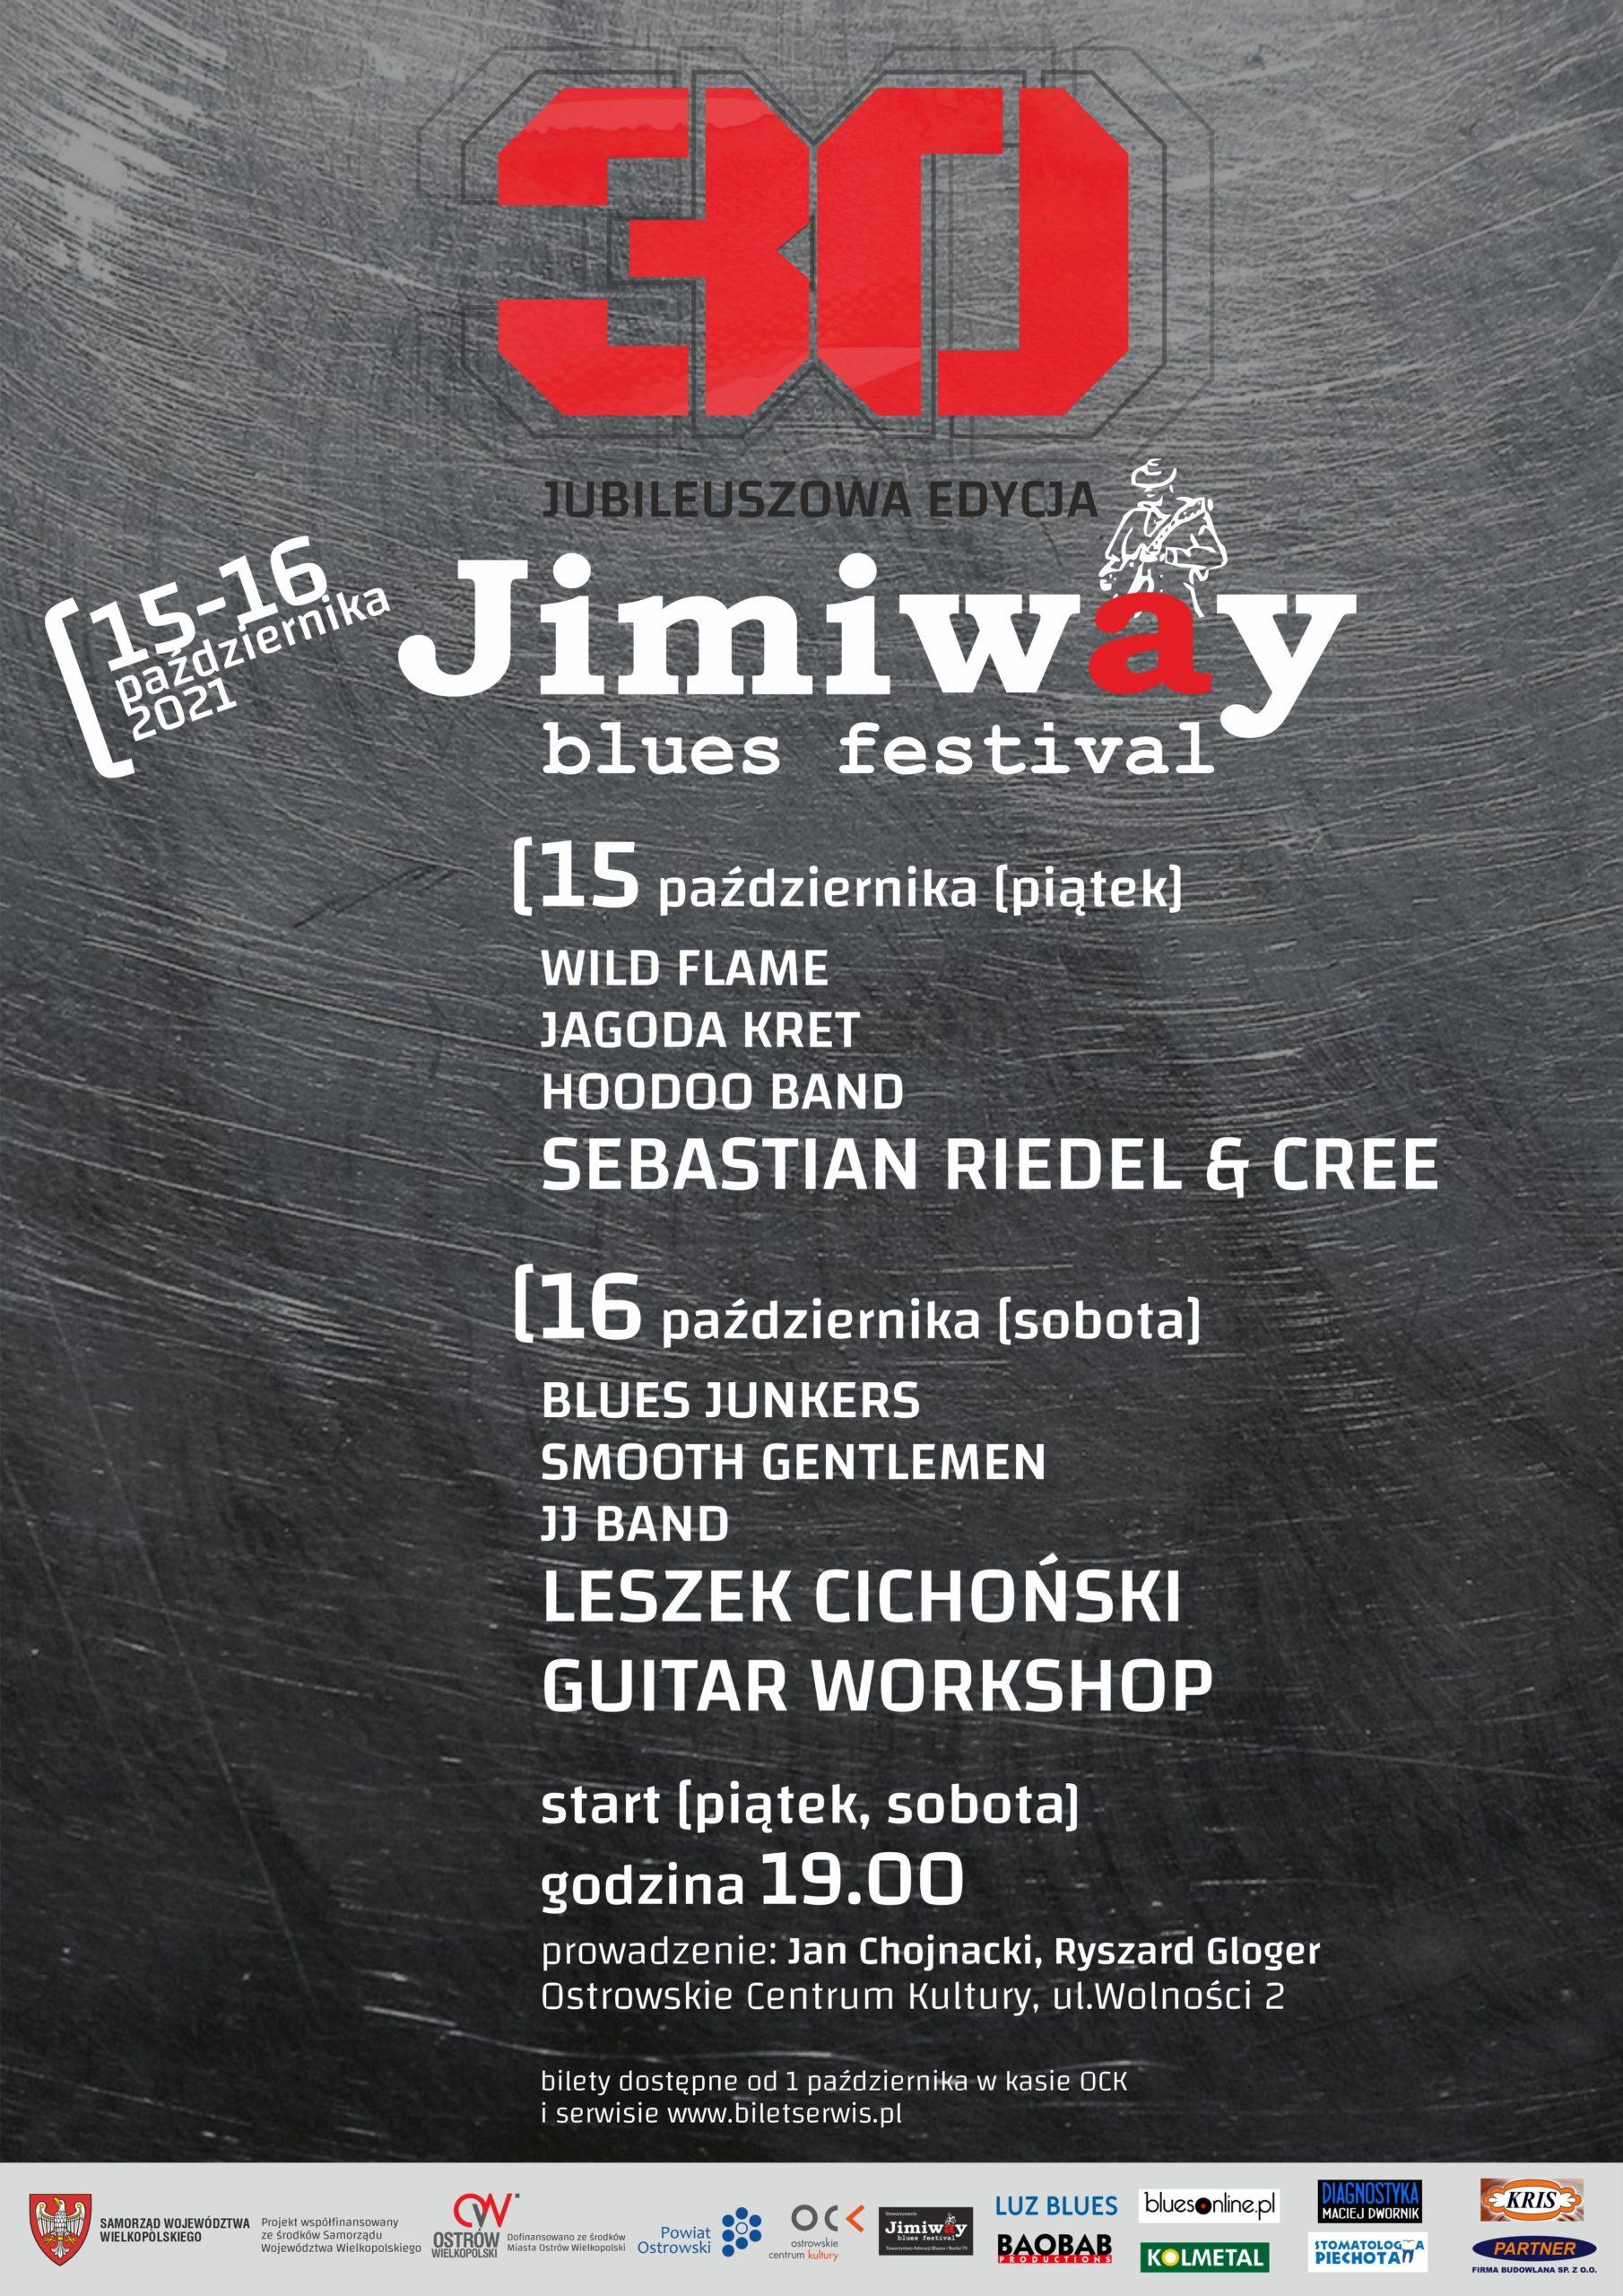 Jimiway Blues Festival 2021